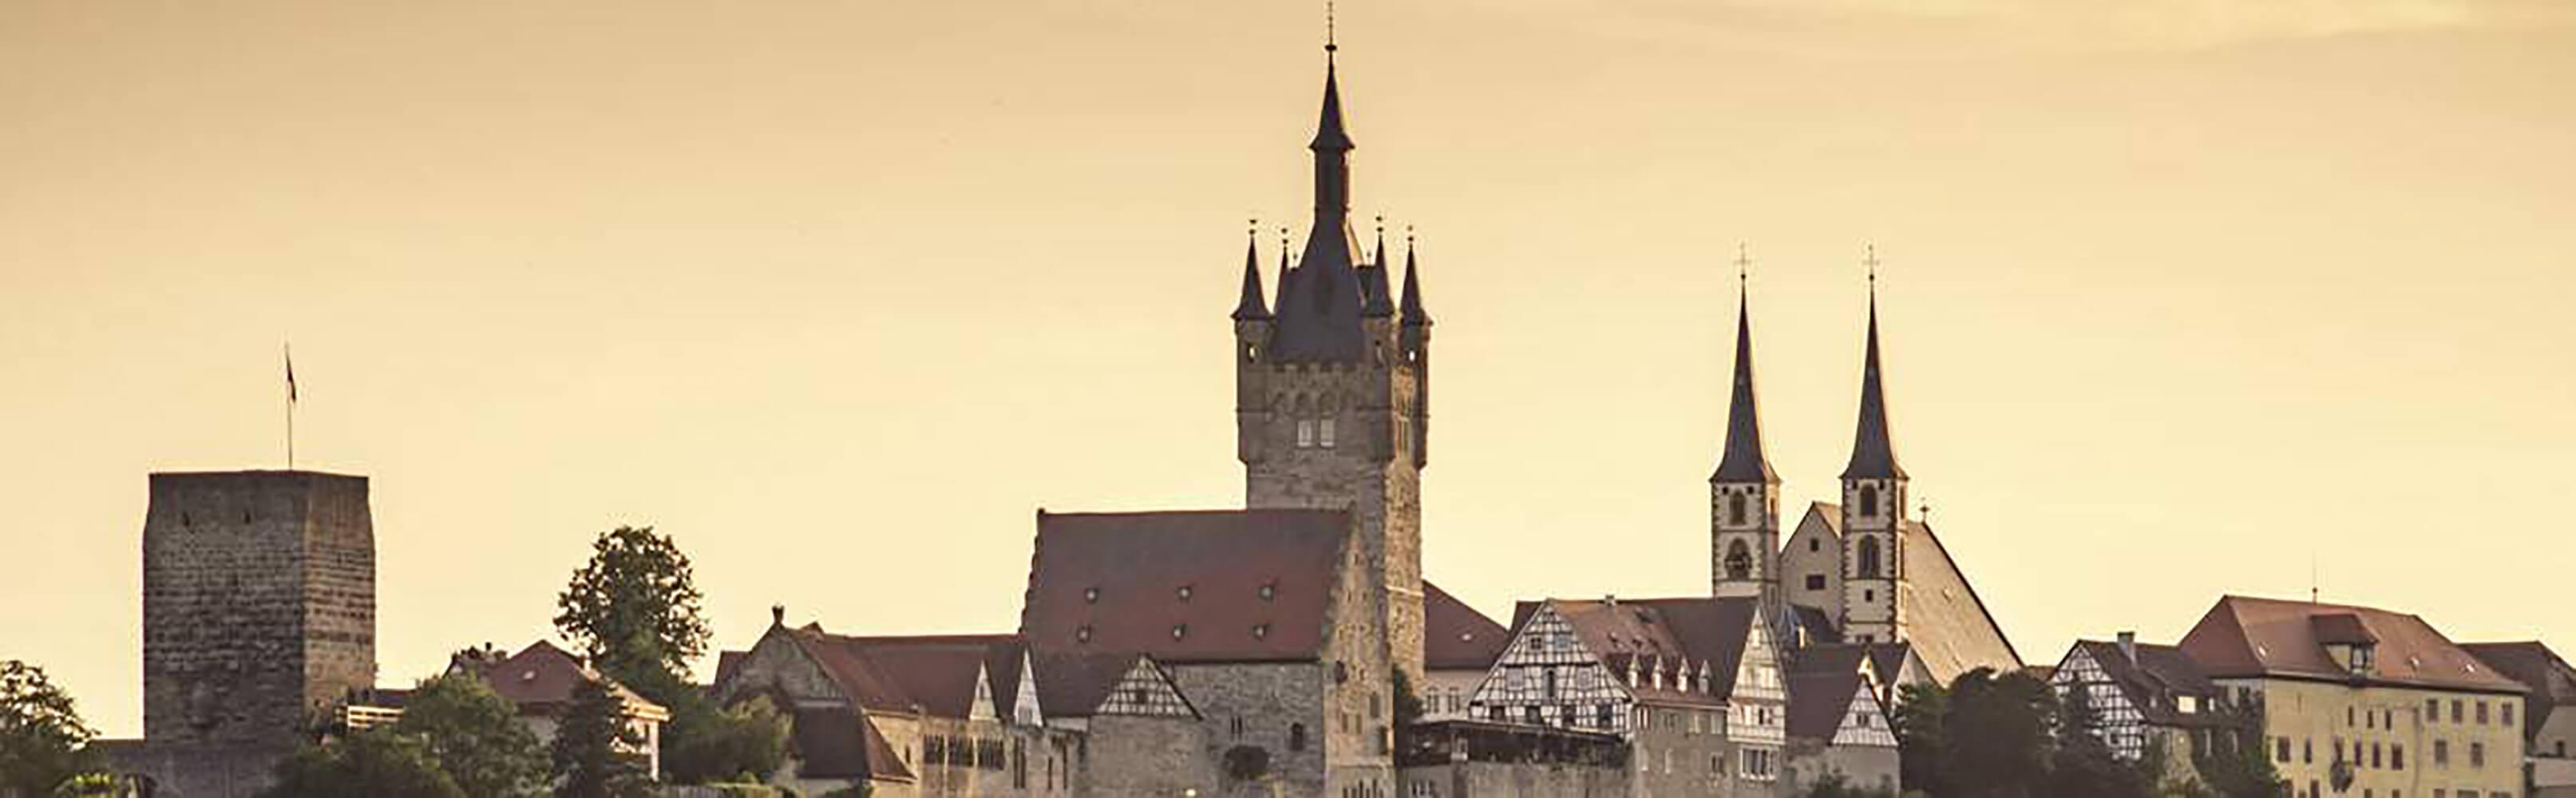 Bad Wimpfen am Neckar 1